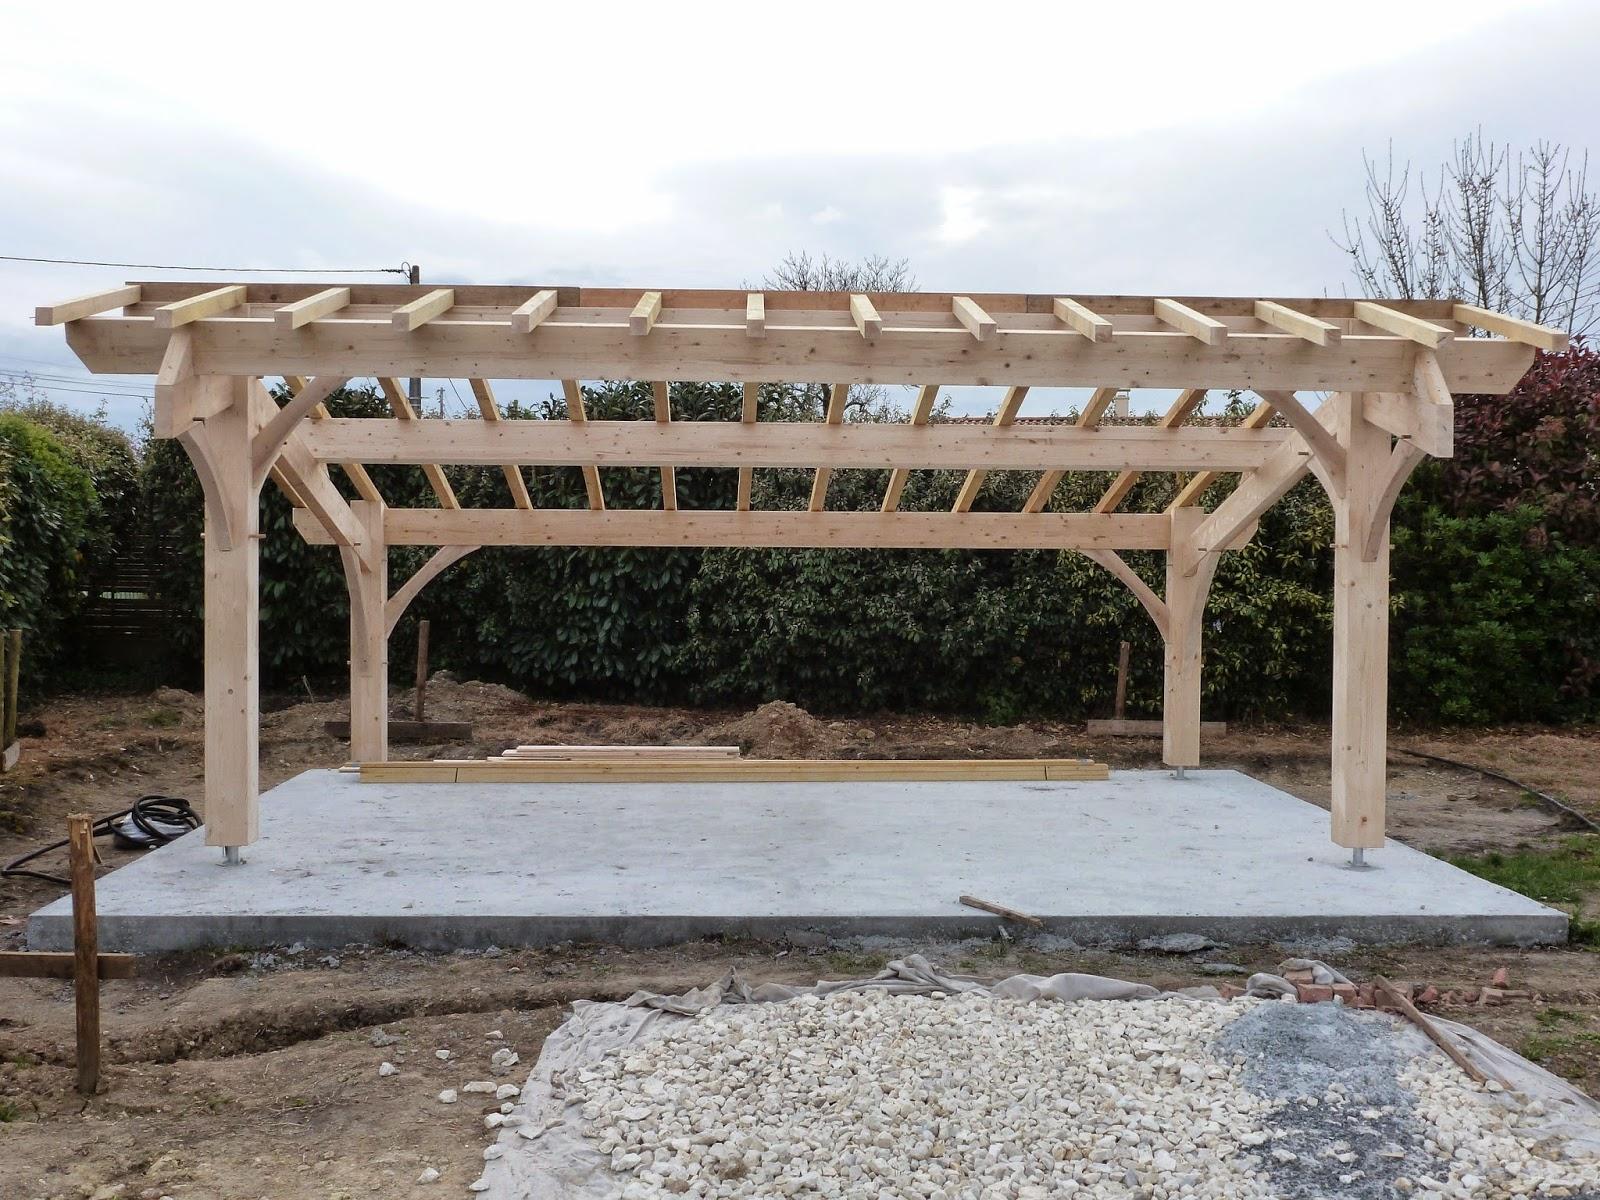 Fabricant Carport Bois - Abris de jardin bois Carport voitures bois Garage Bois Auvent voiture bois